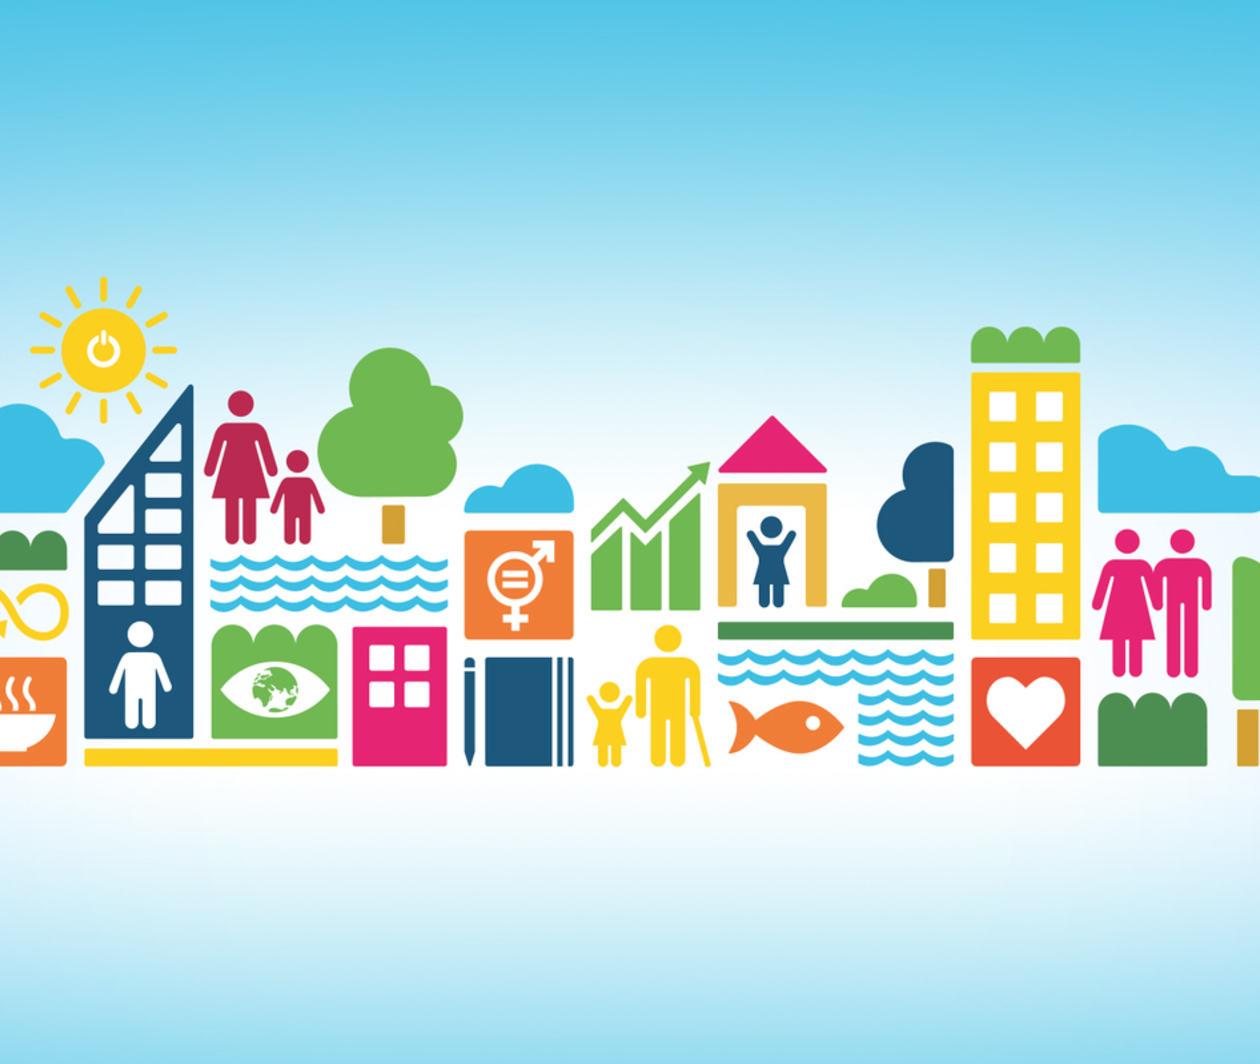 Organising for the Sustainable Development Goals (SDGs)